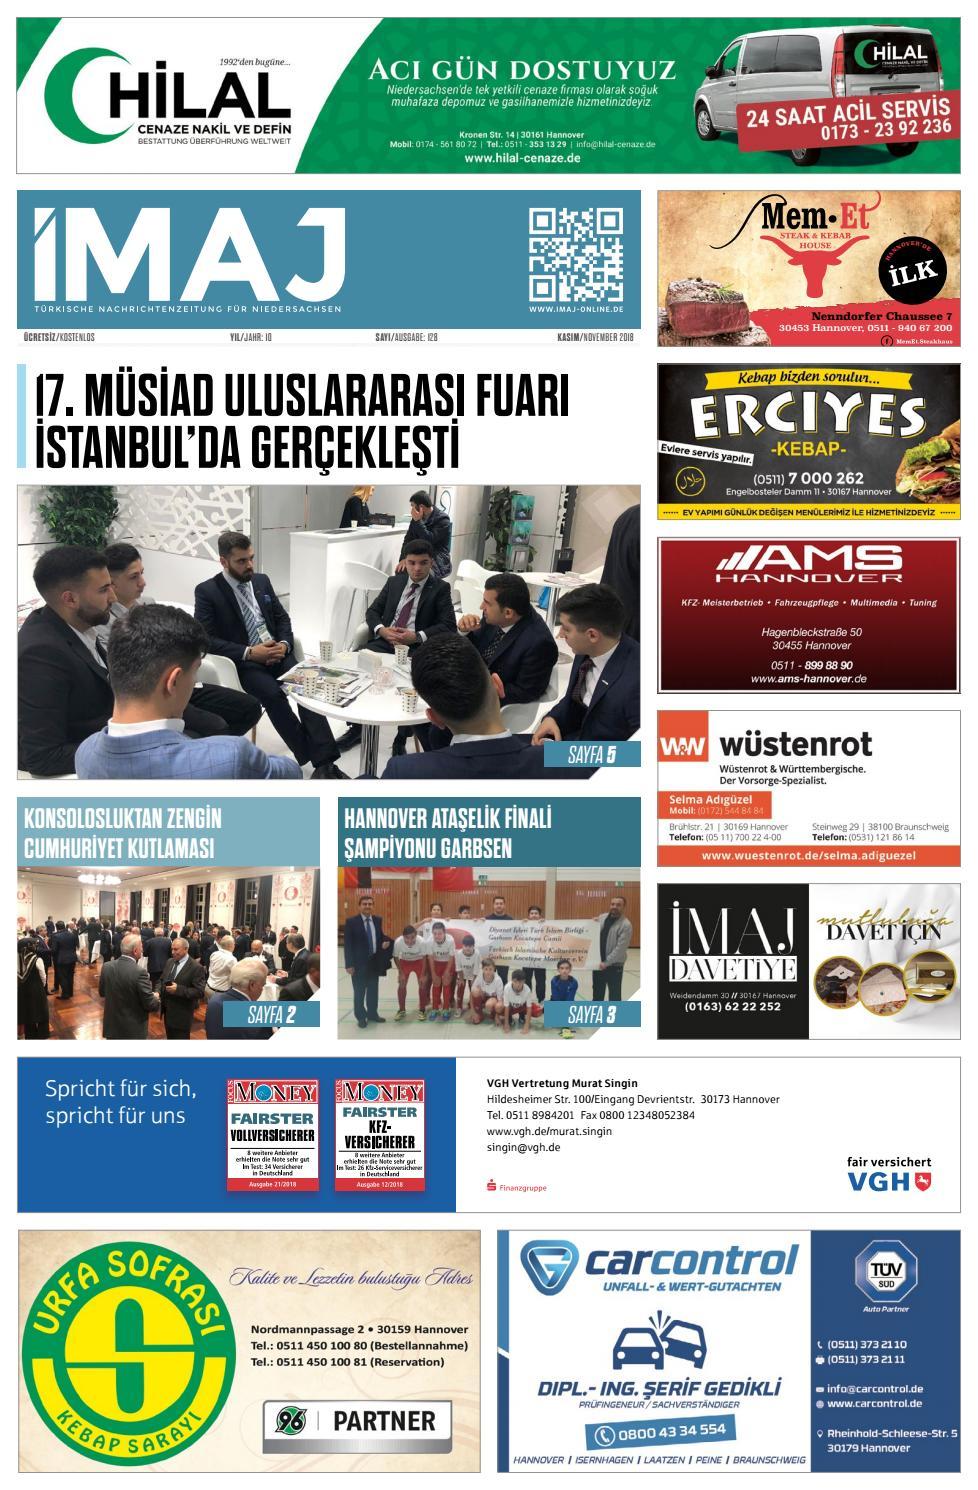 Imaj Ausgabe Sayi 128 November Kasim 2018 By Imajgazetesi Issuu